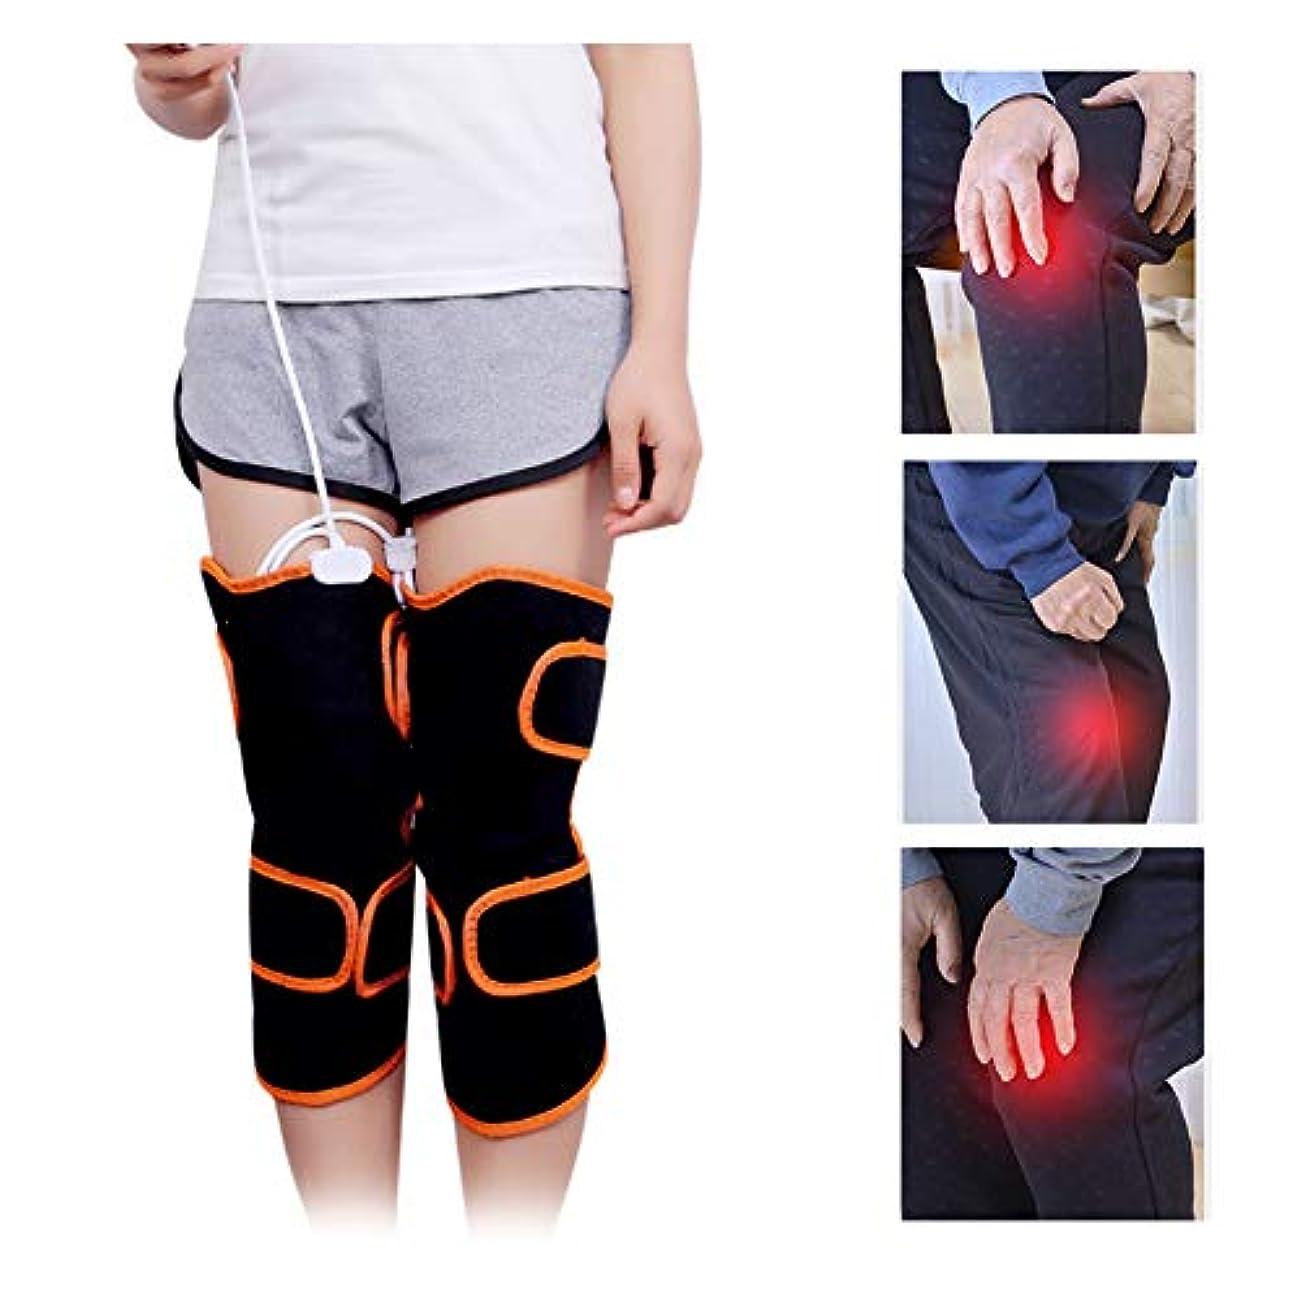 基本的な突撃侵入9種類のマッサージモードと5種類の速度の膝温熱パッド付き加熱膝装具-膝の怪我、痛みを軽減するセラピーラップマッサージャー